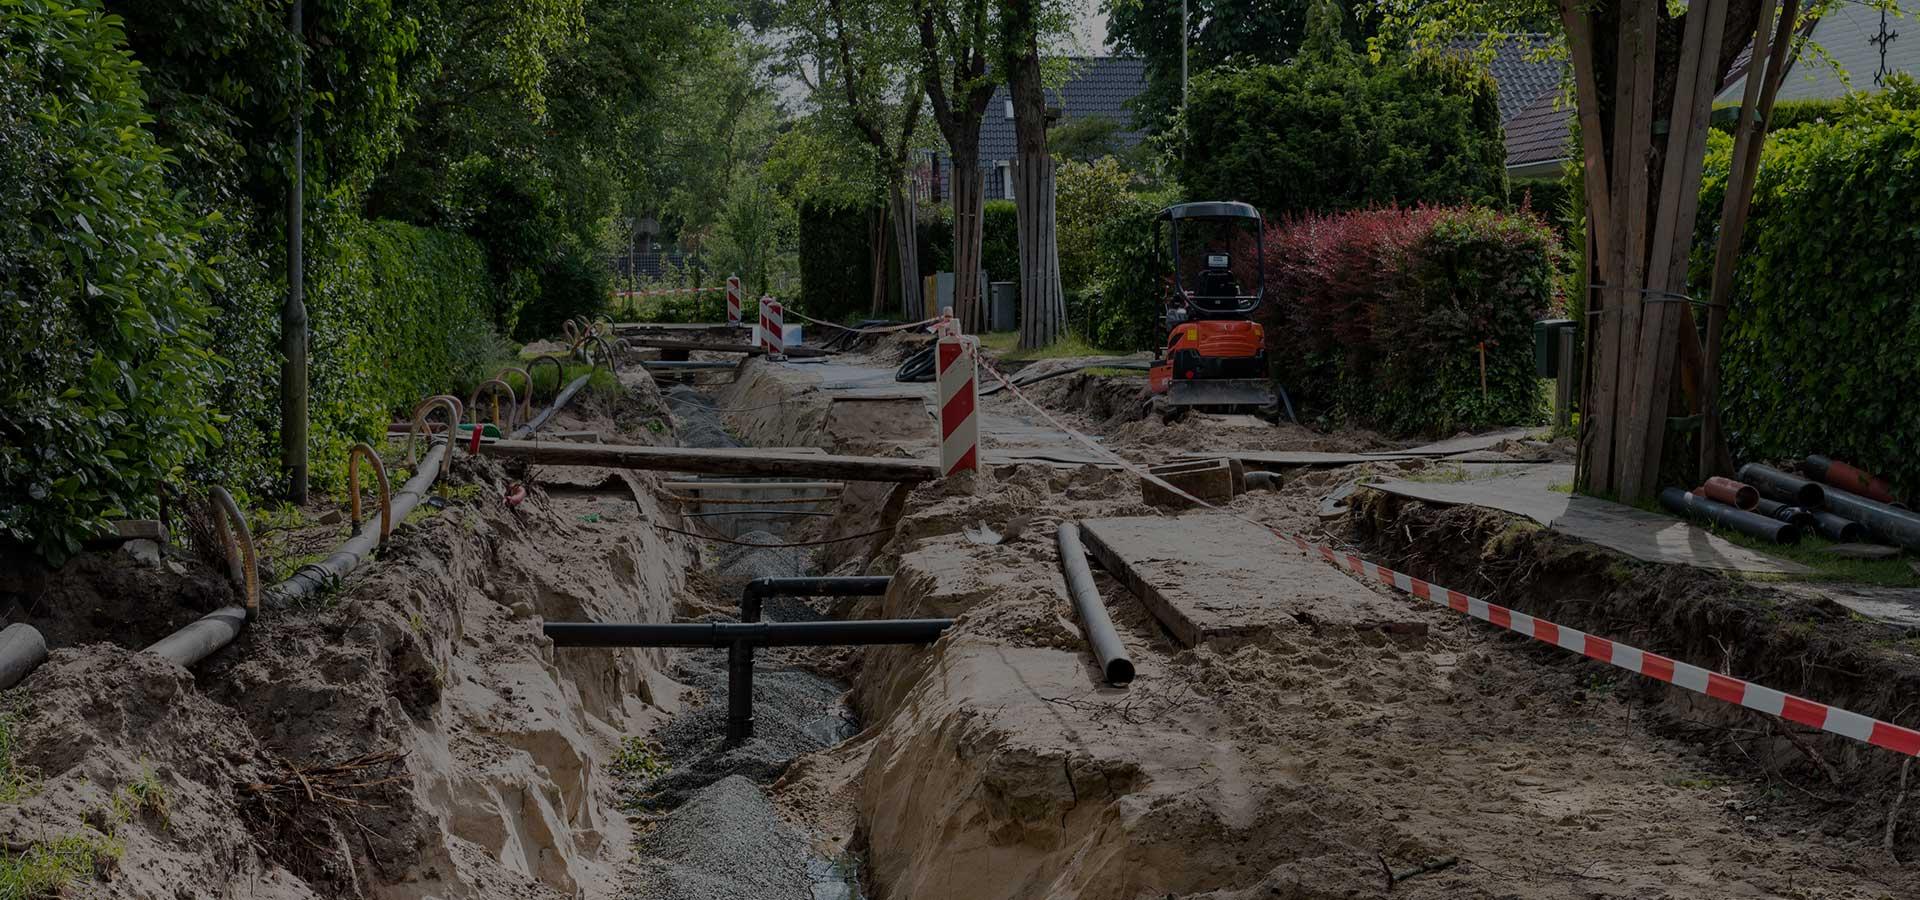 réseaux d'eau potable Seine et Marne